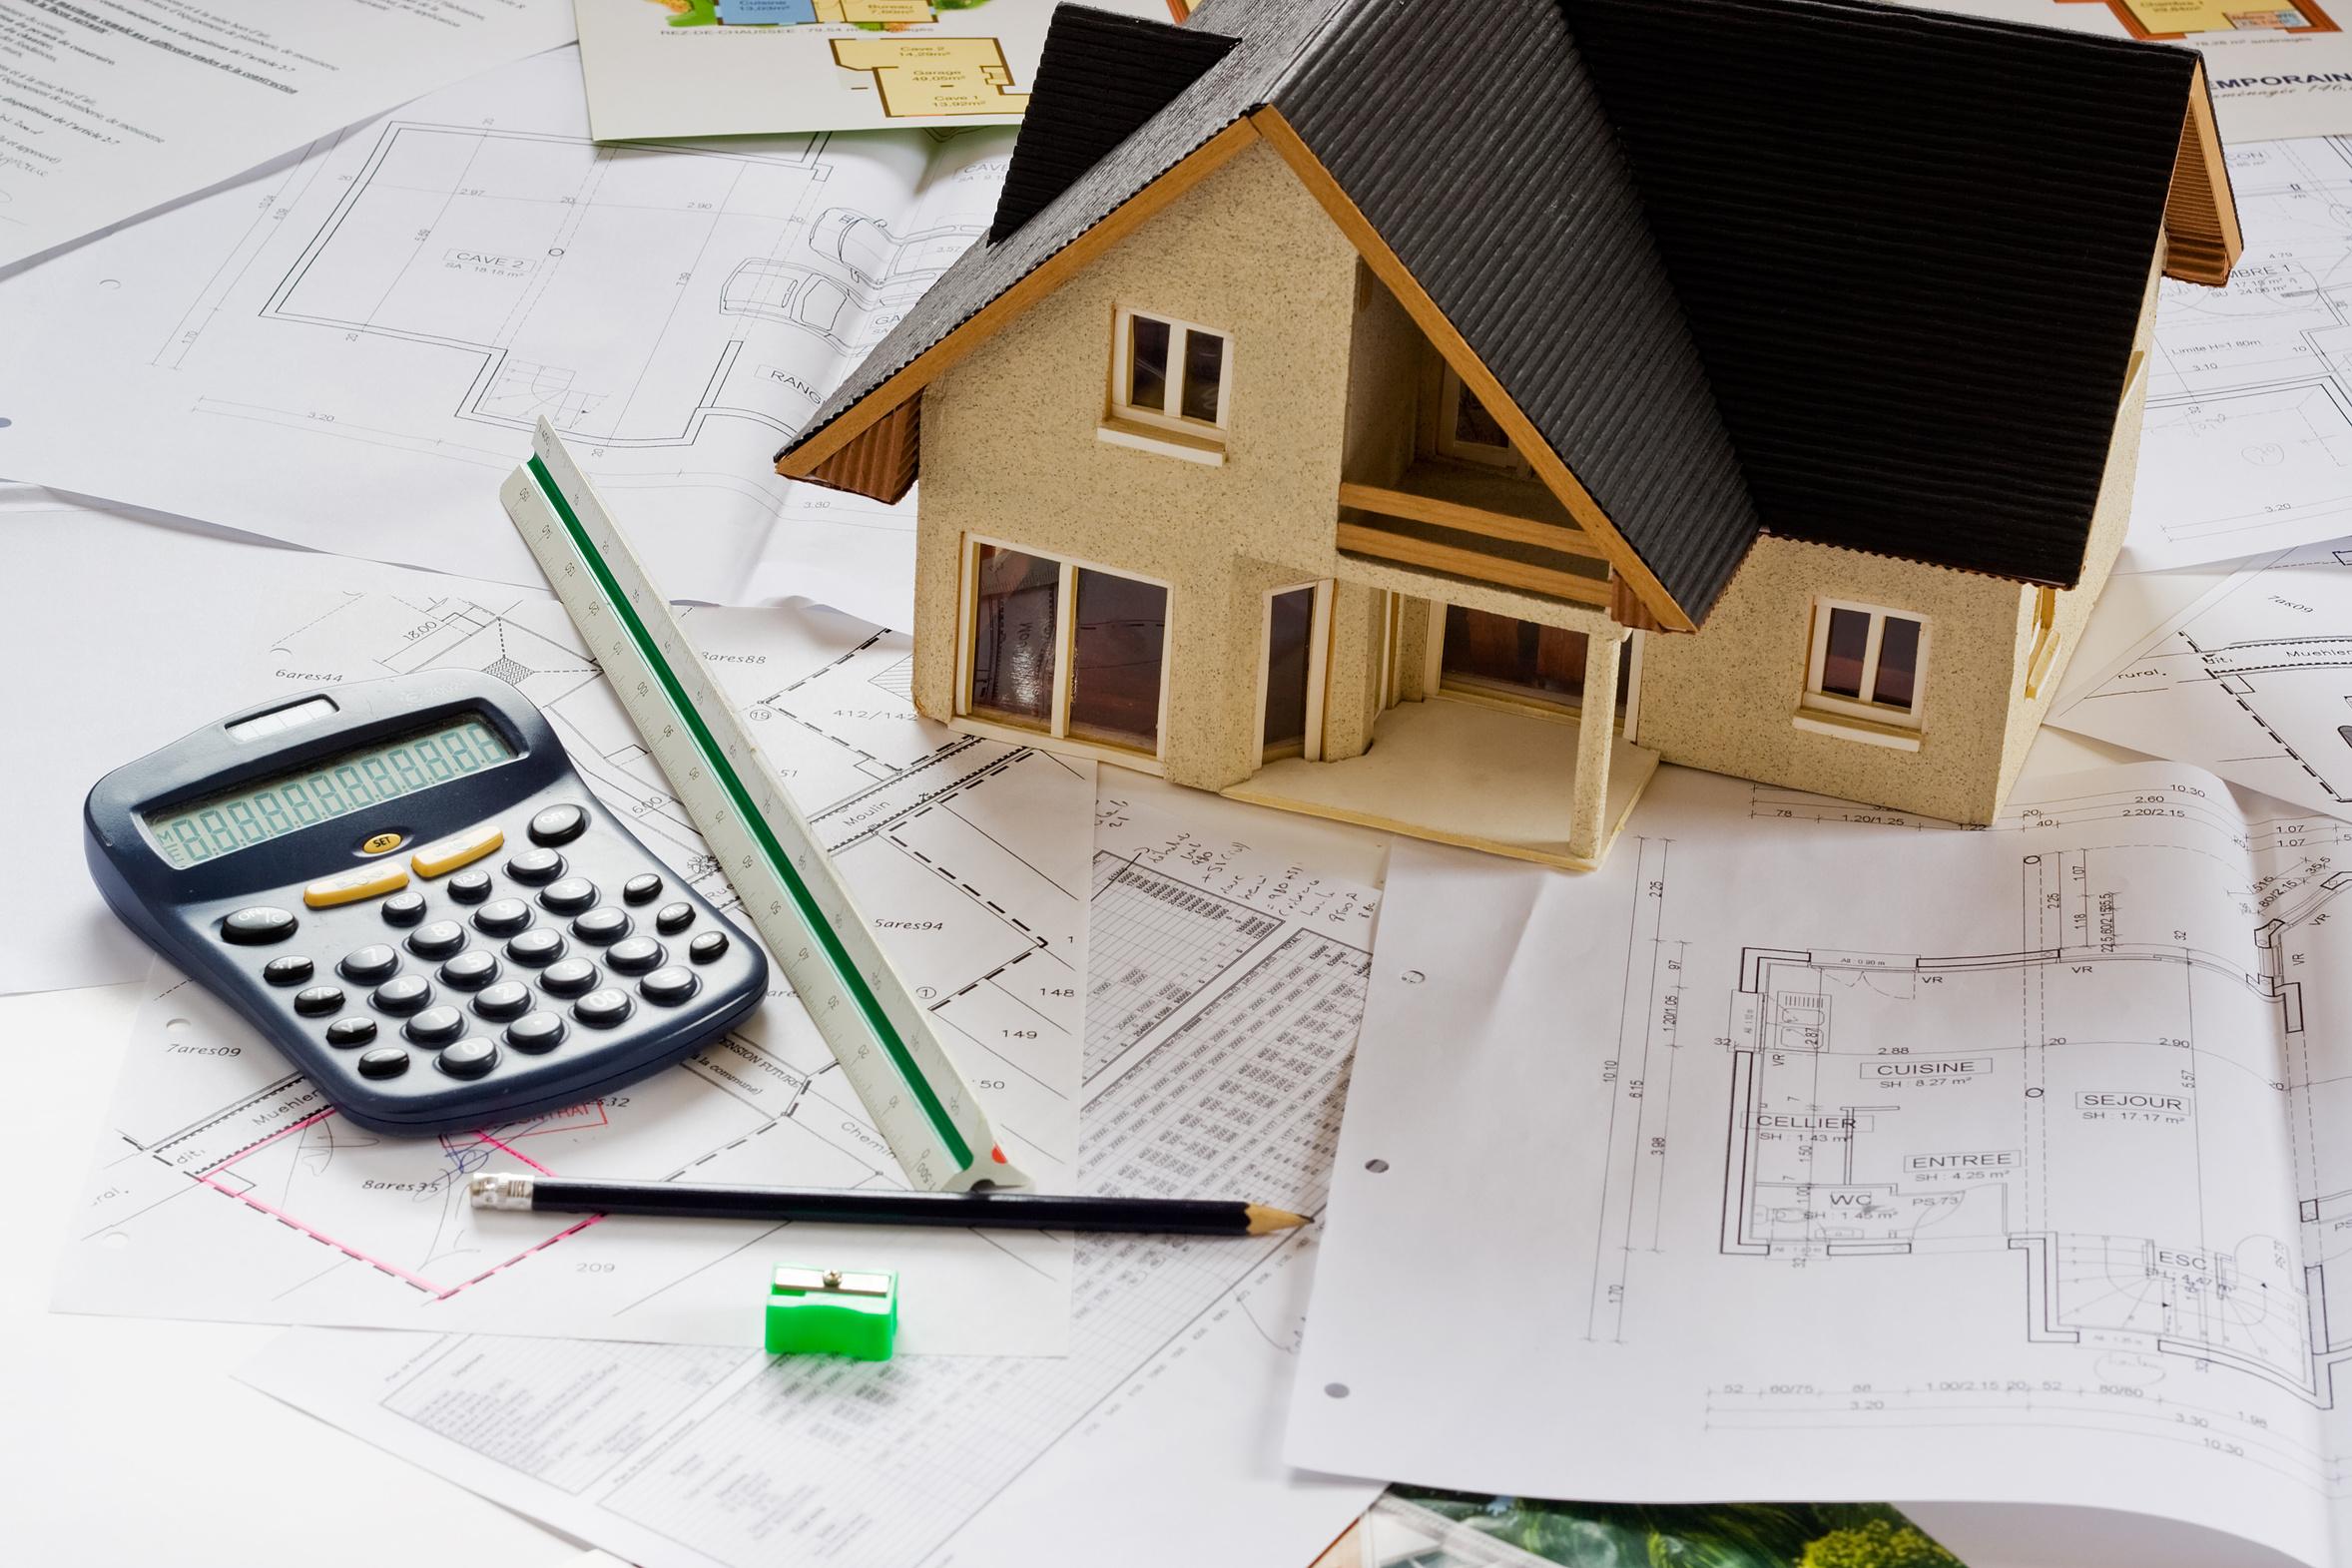 Ce qu il faut savoir sur l achat d un bien immobilier for Achete maison